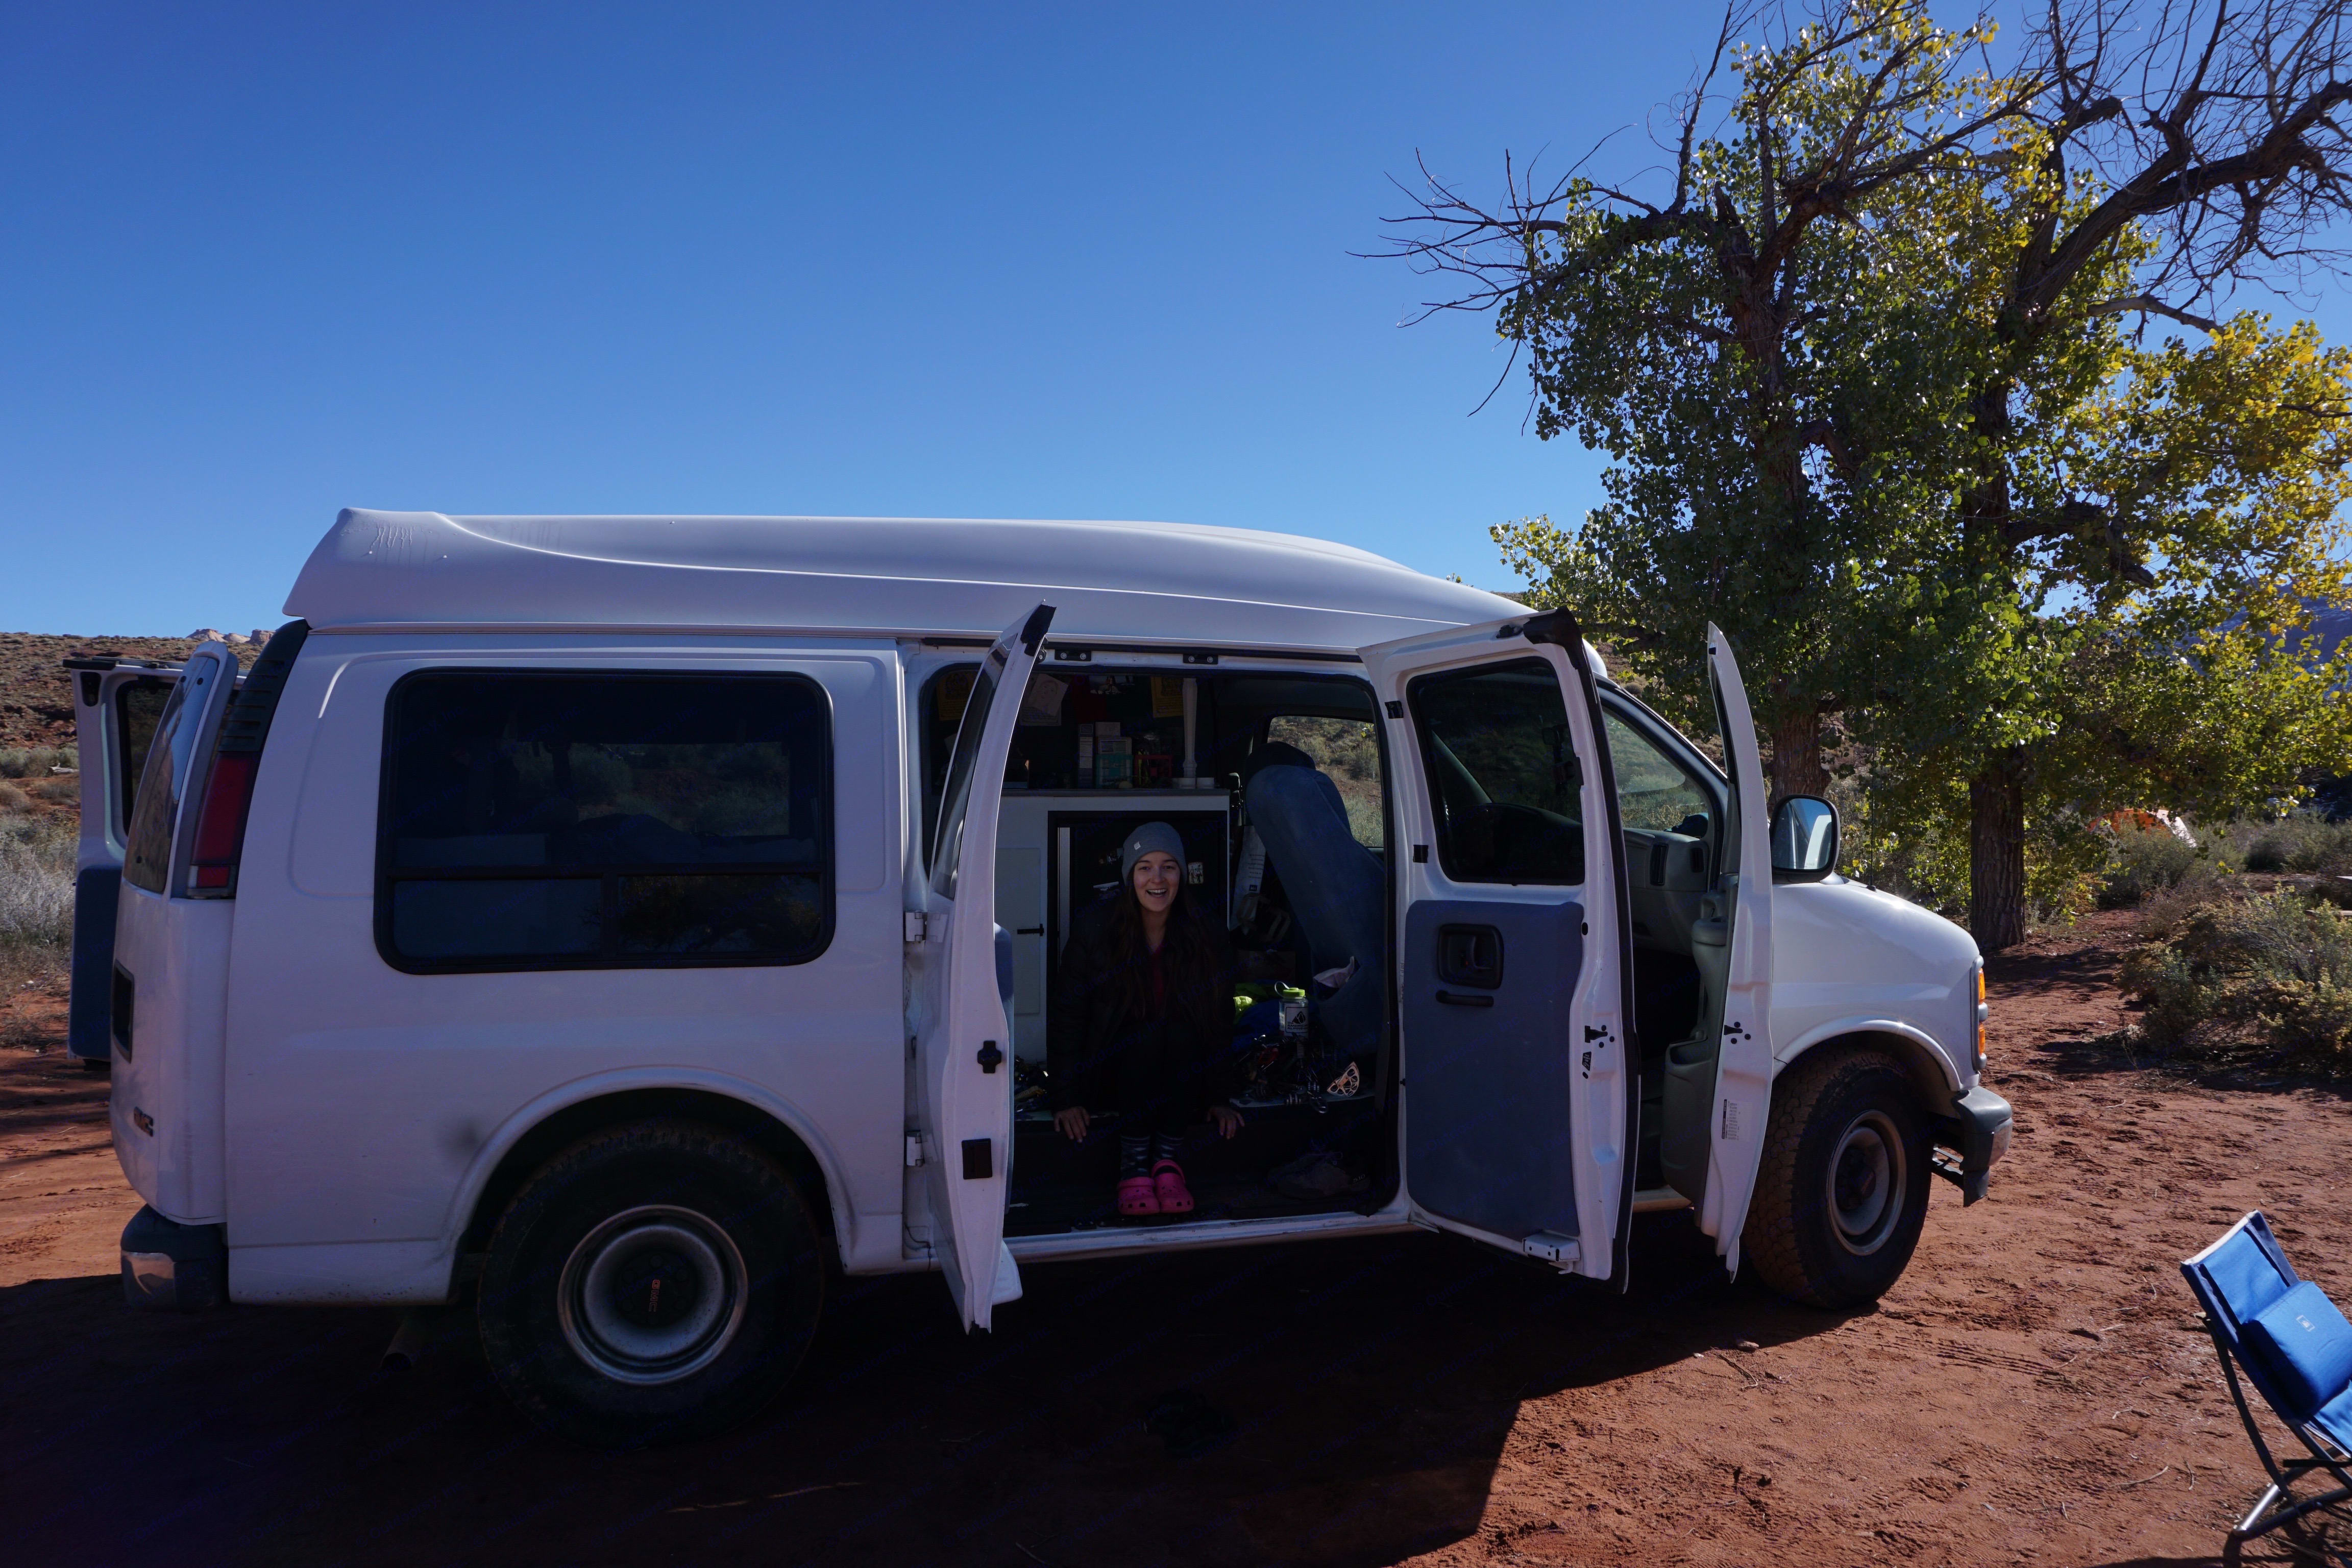 The van in Utah. Gmc Savanna 2000